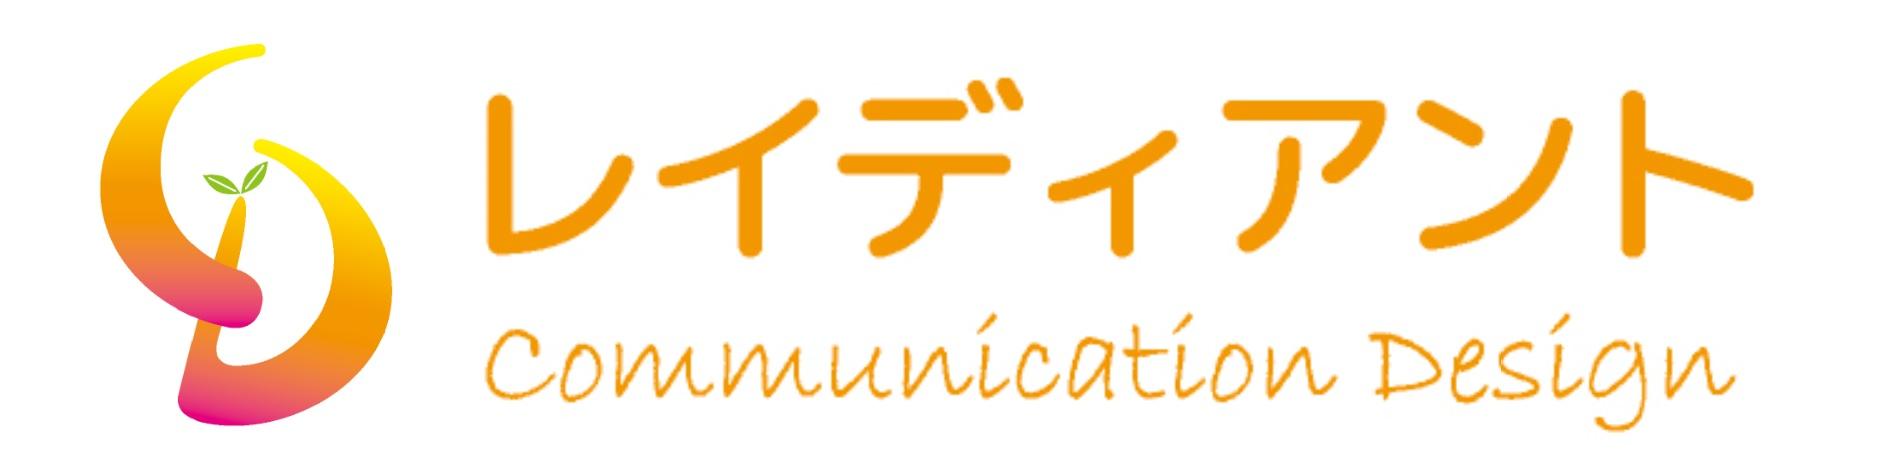 レイディアント|コミュニケーションデザイナー(関わり方の専門家)・大谷まどか|プロファシリテーター|石川県白山市